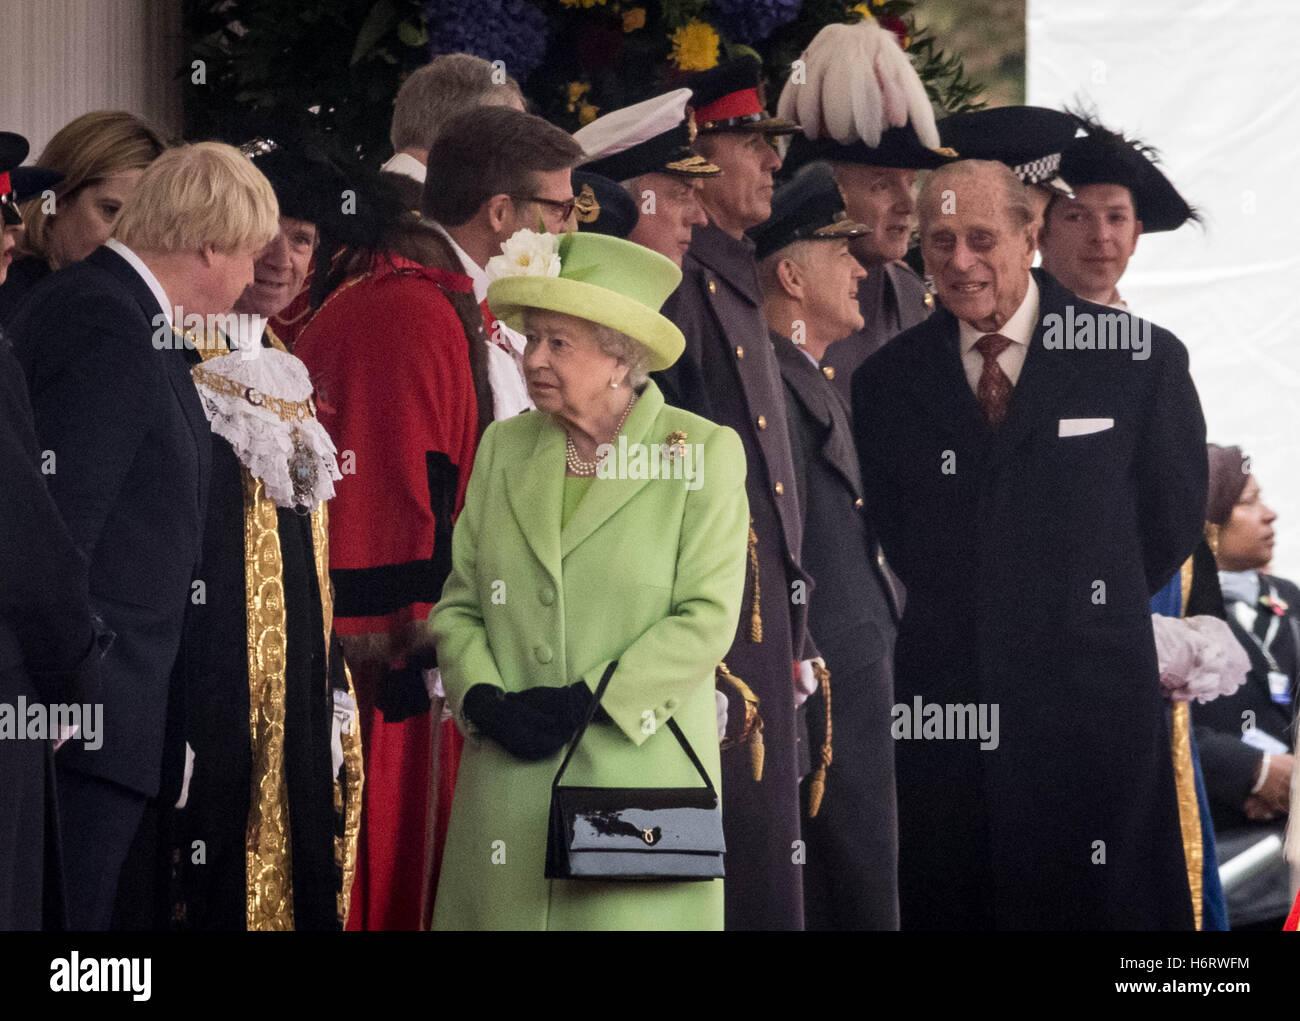 Londres, Reino Unido. 1 de noviembre de 2016. La Reina y el Duque de Edimburgo, saluda a los huéspedes en el Imagen De Stock